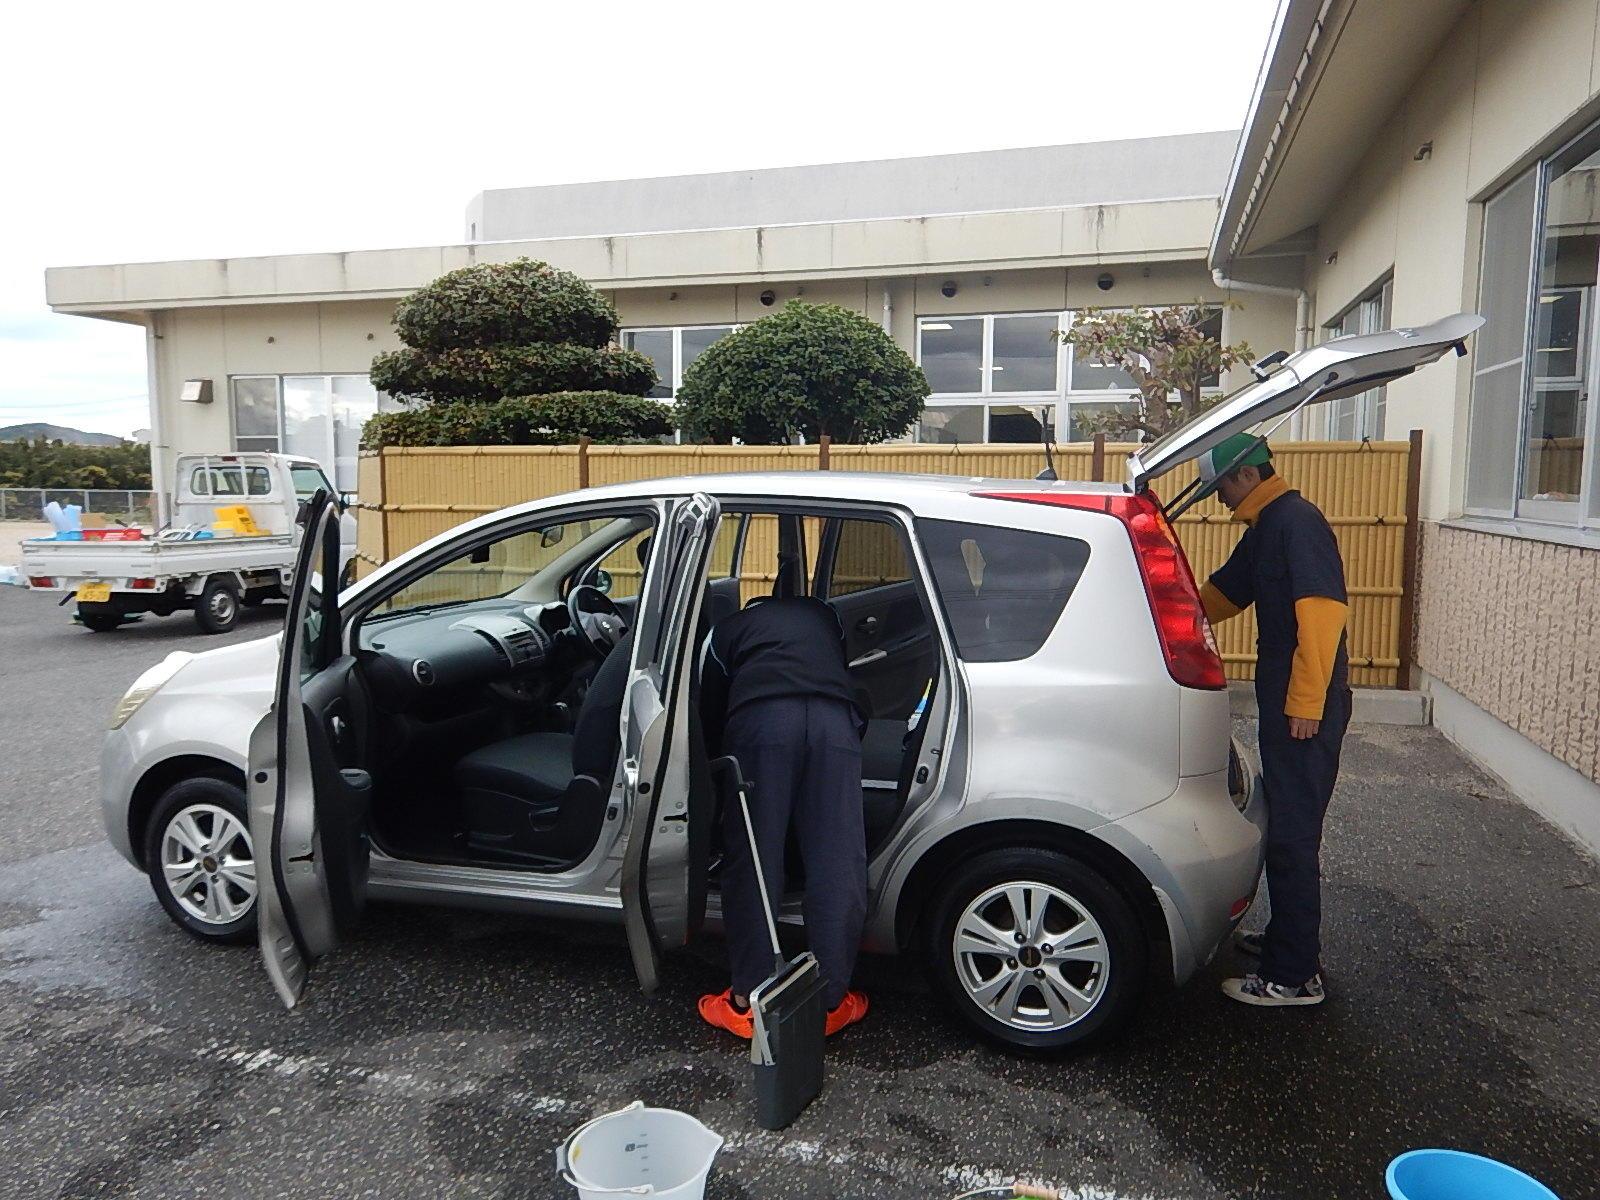 http://www.shimanet.ed.jp/hamadayougo/news/DSCN0336.JPG